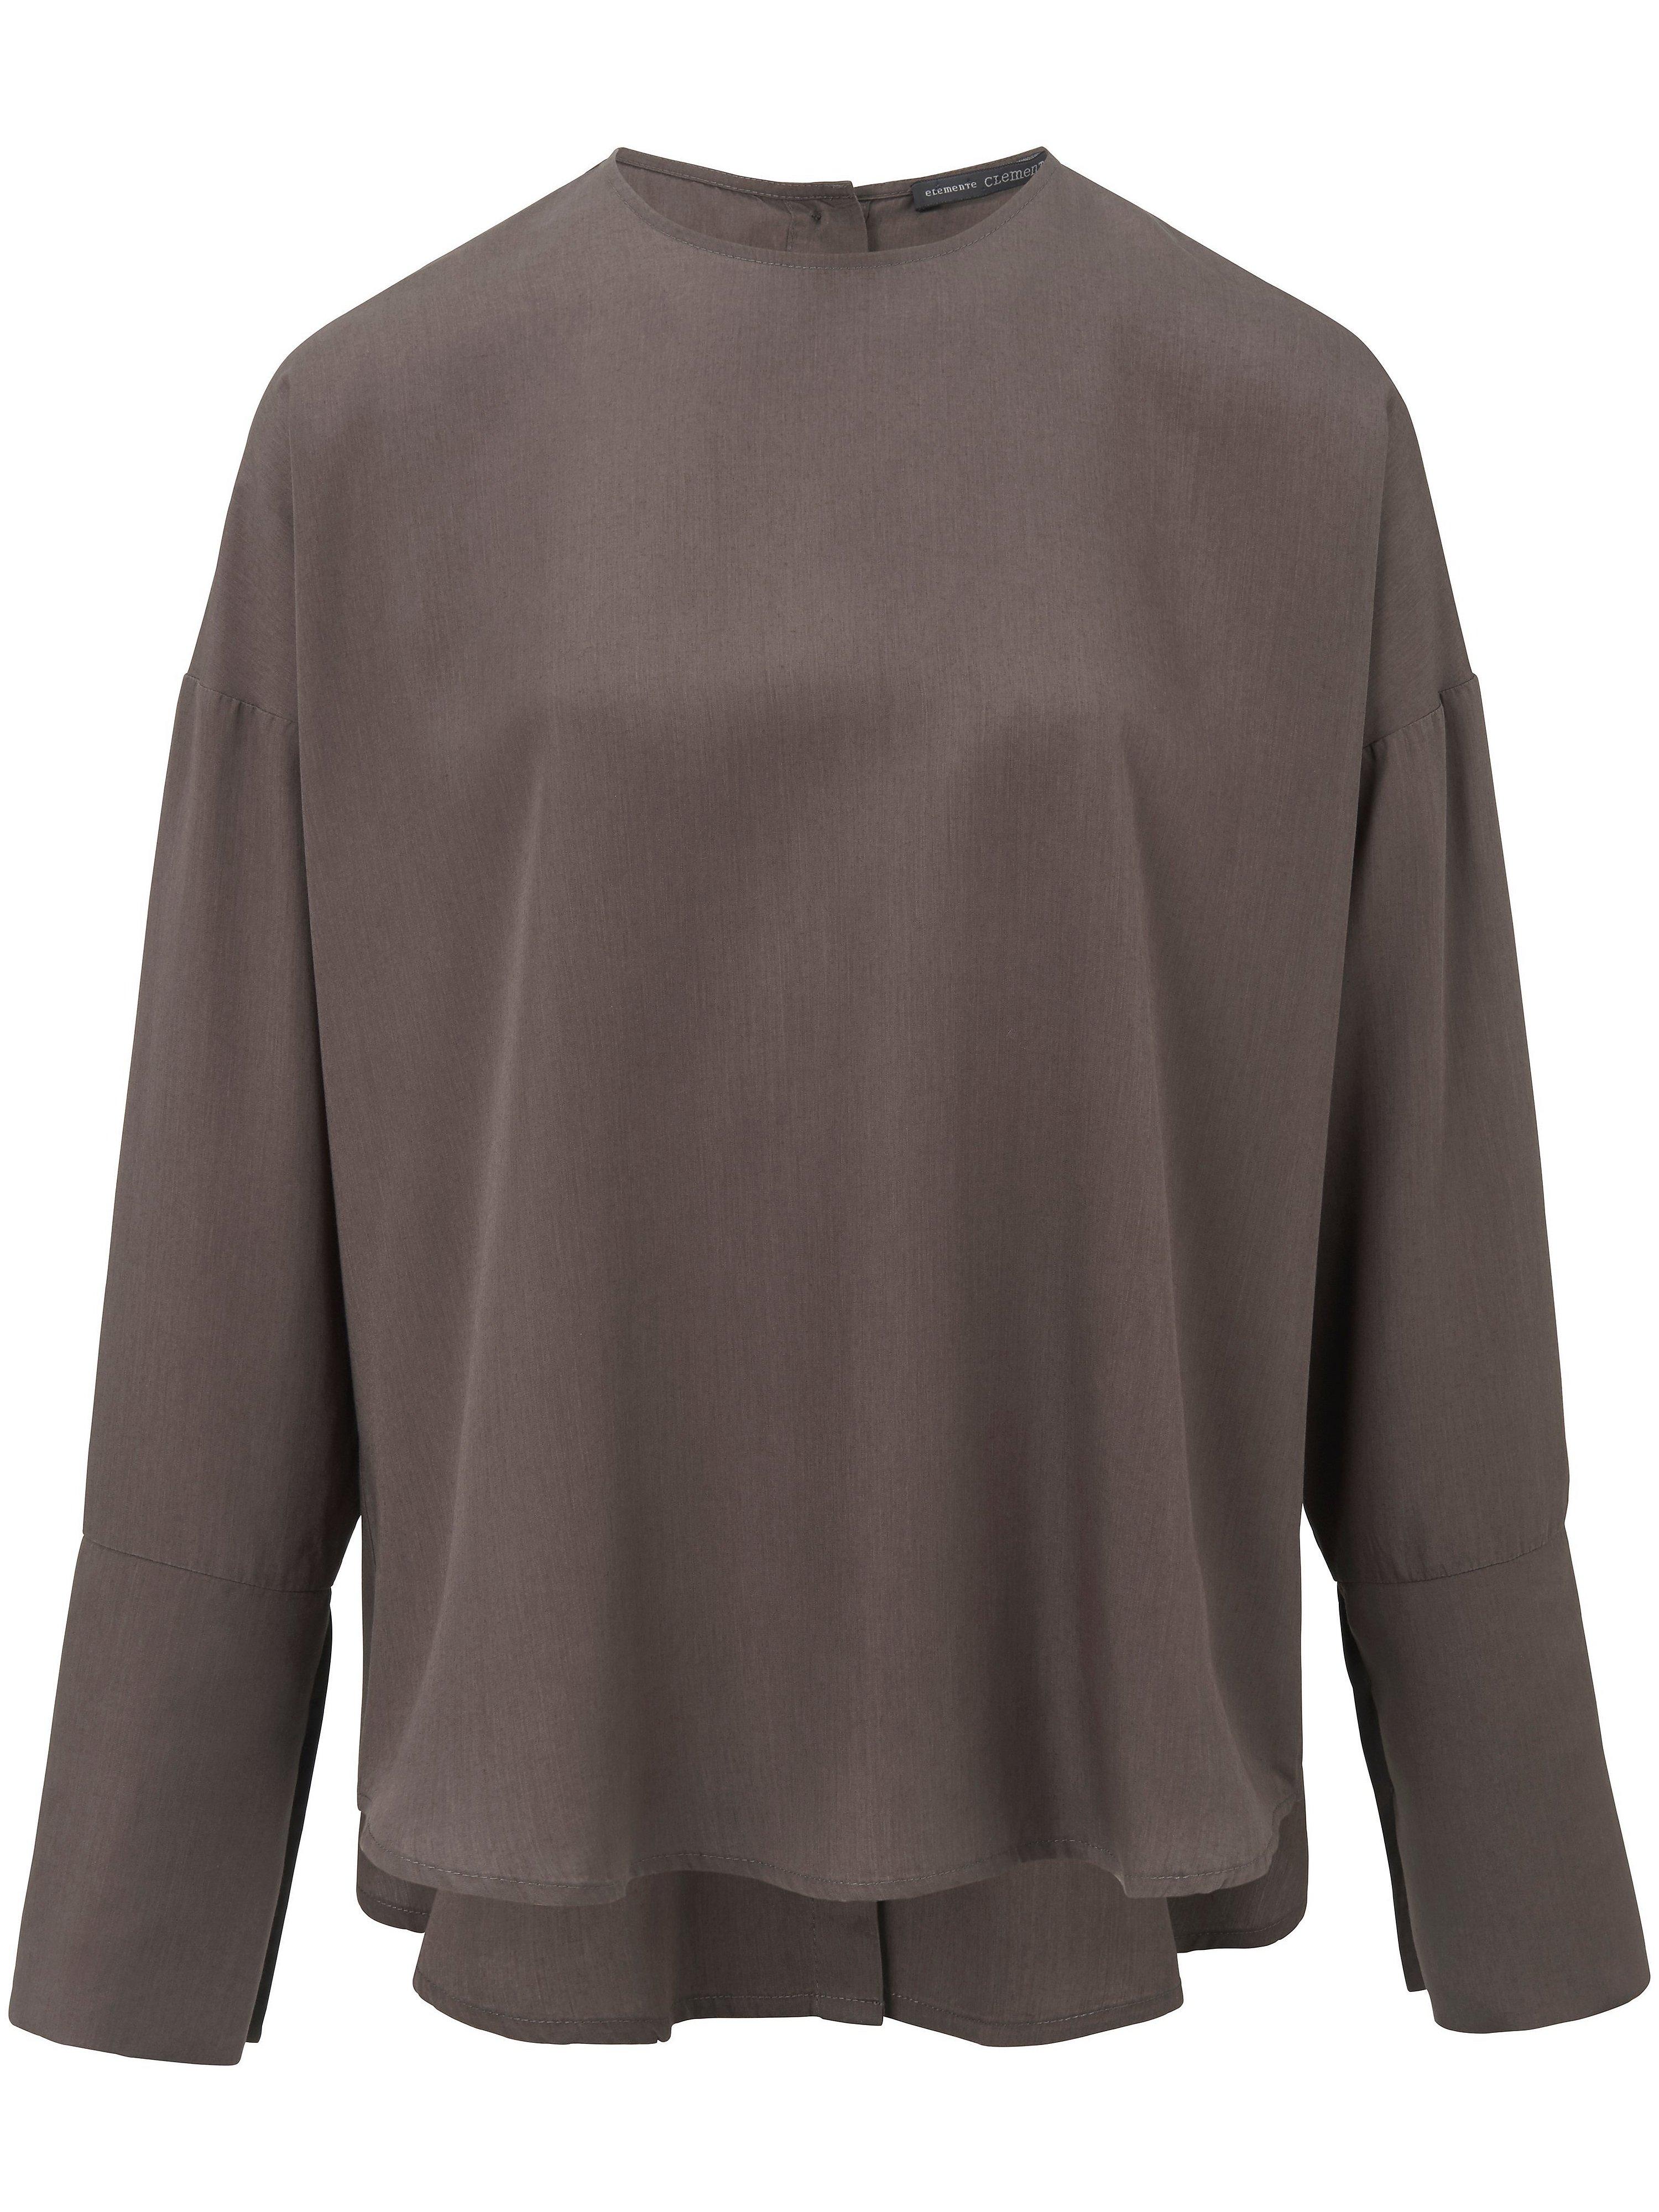 La blouse  elemente clemente vert taille 48